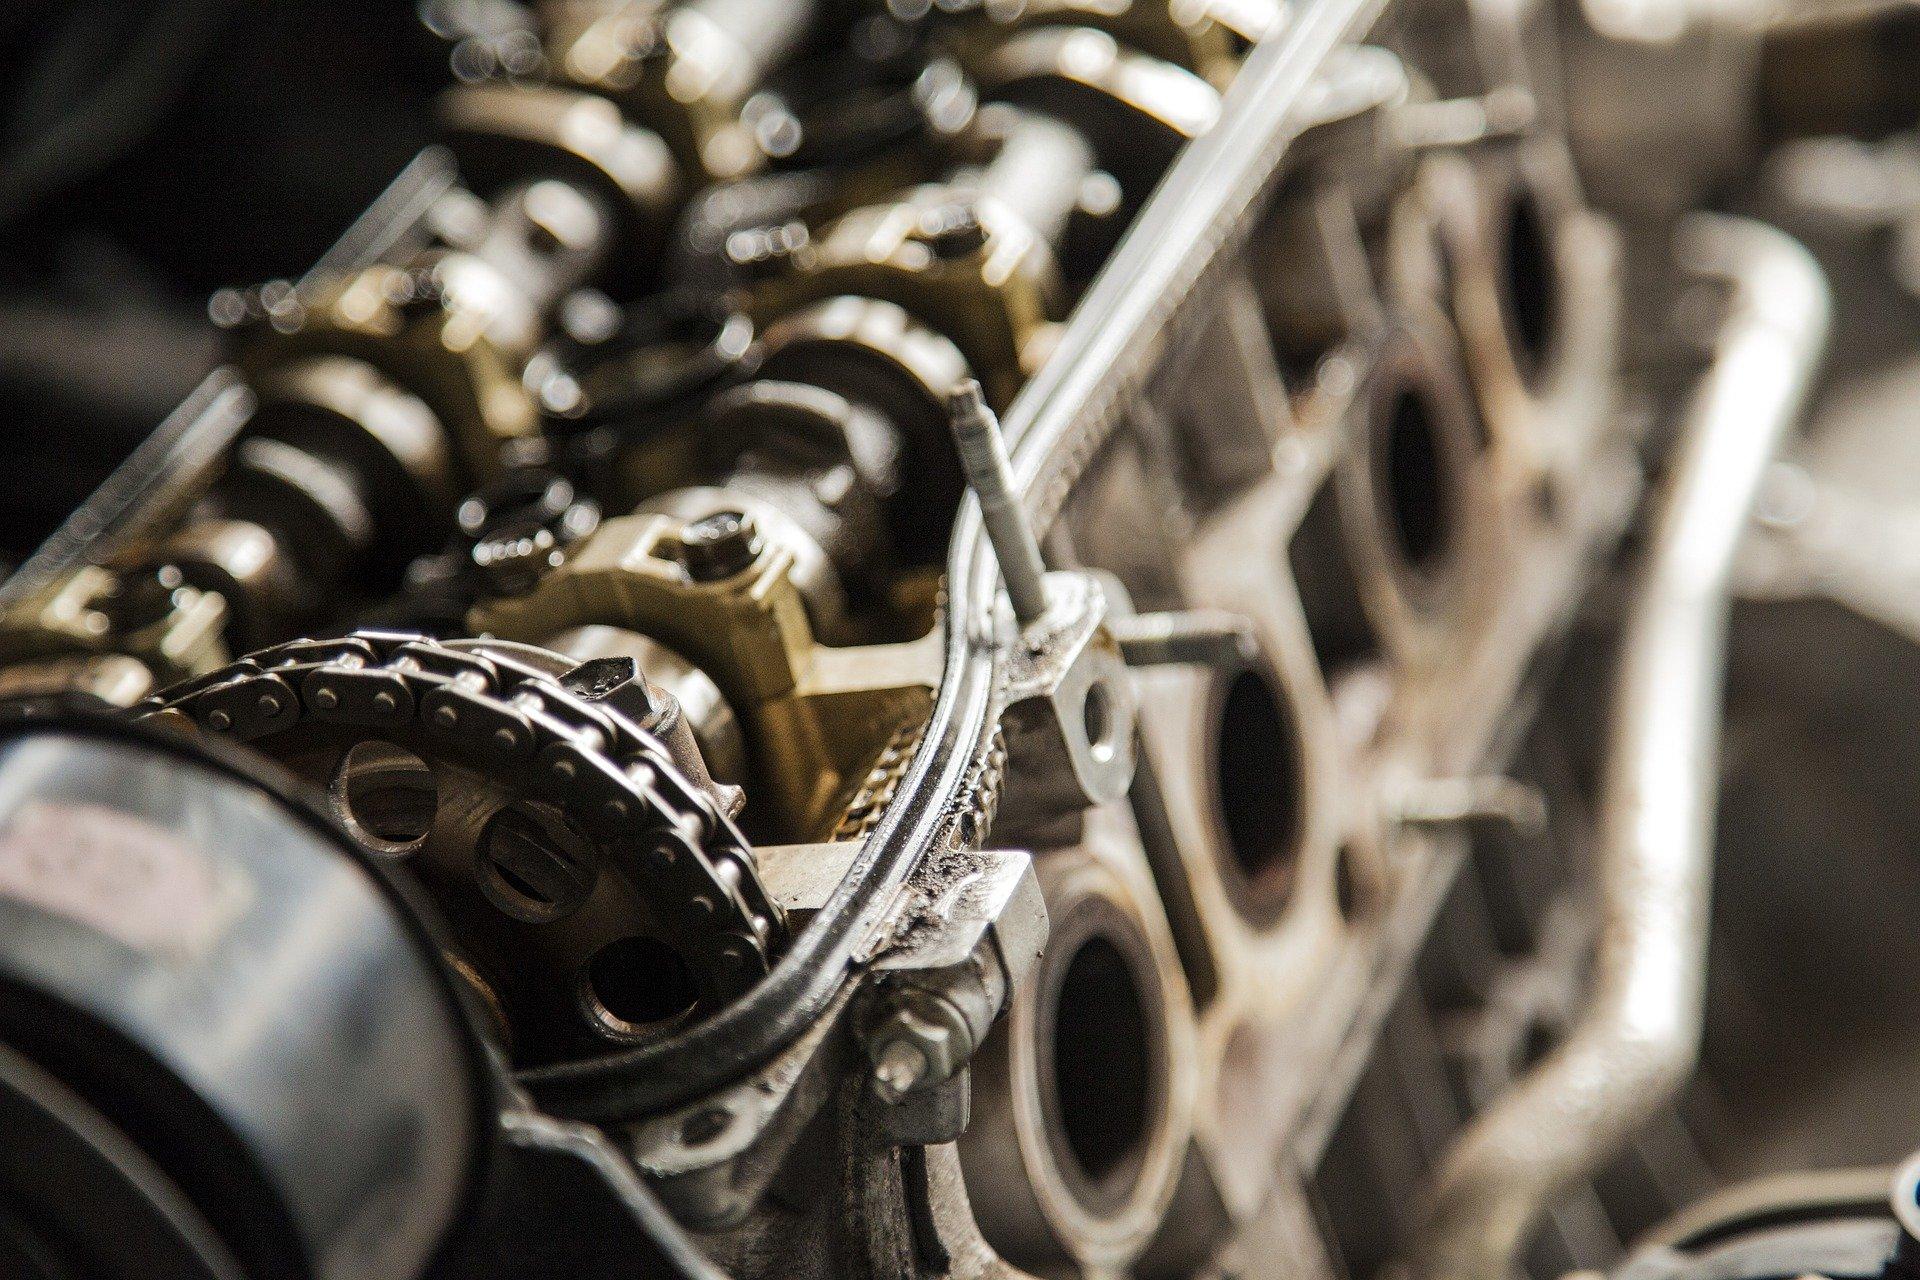 PAS Zábřeh na Moravě opravuje motory už půl století